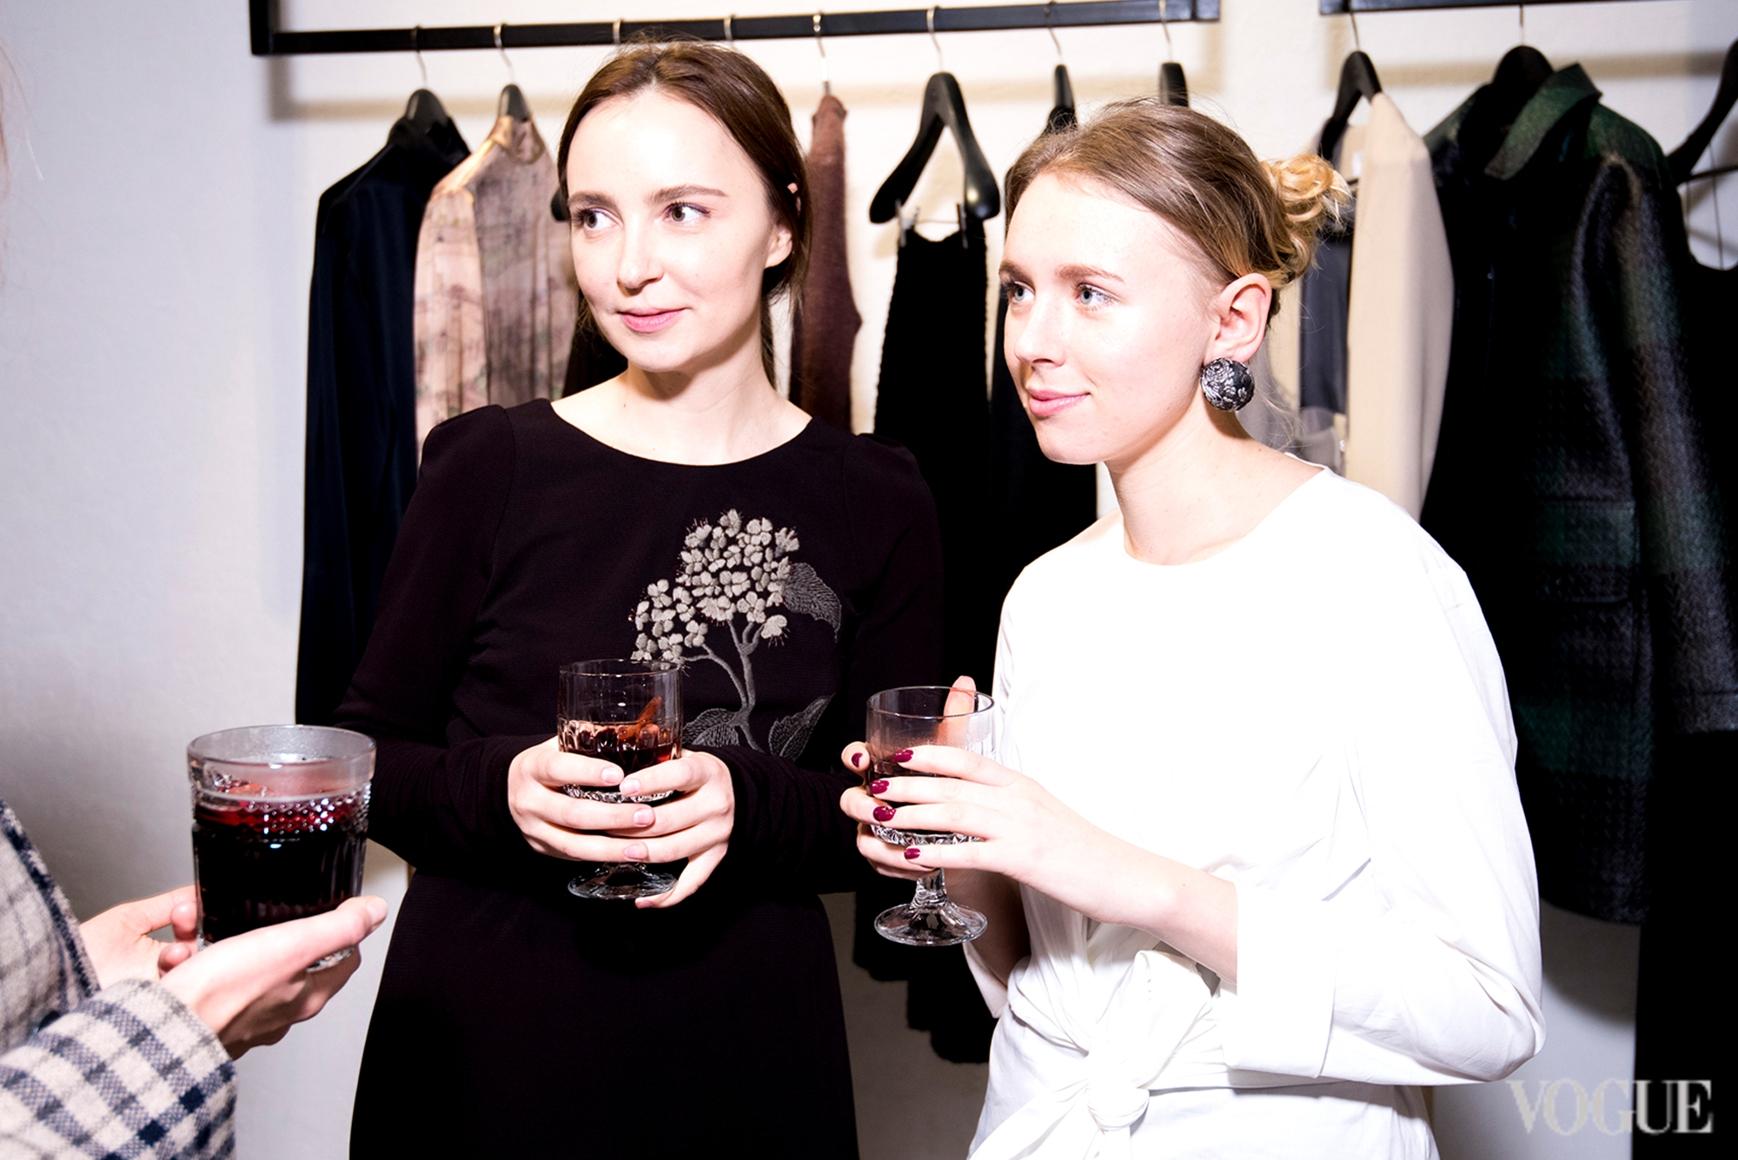 Анастасия Рябоконь и Мария Гаврилюк